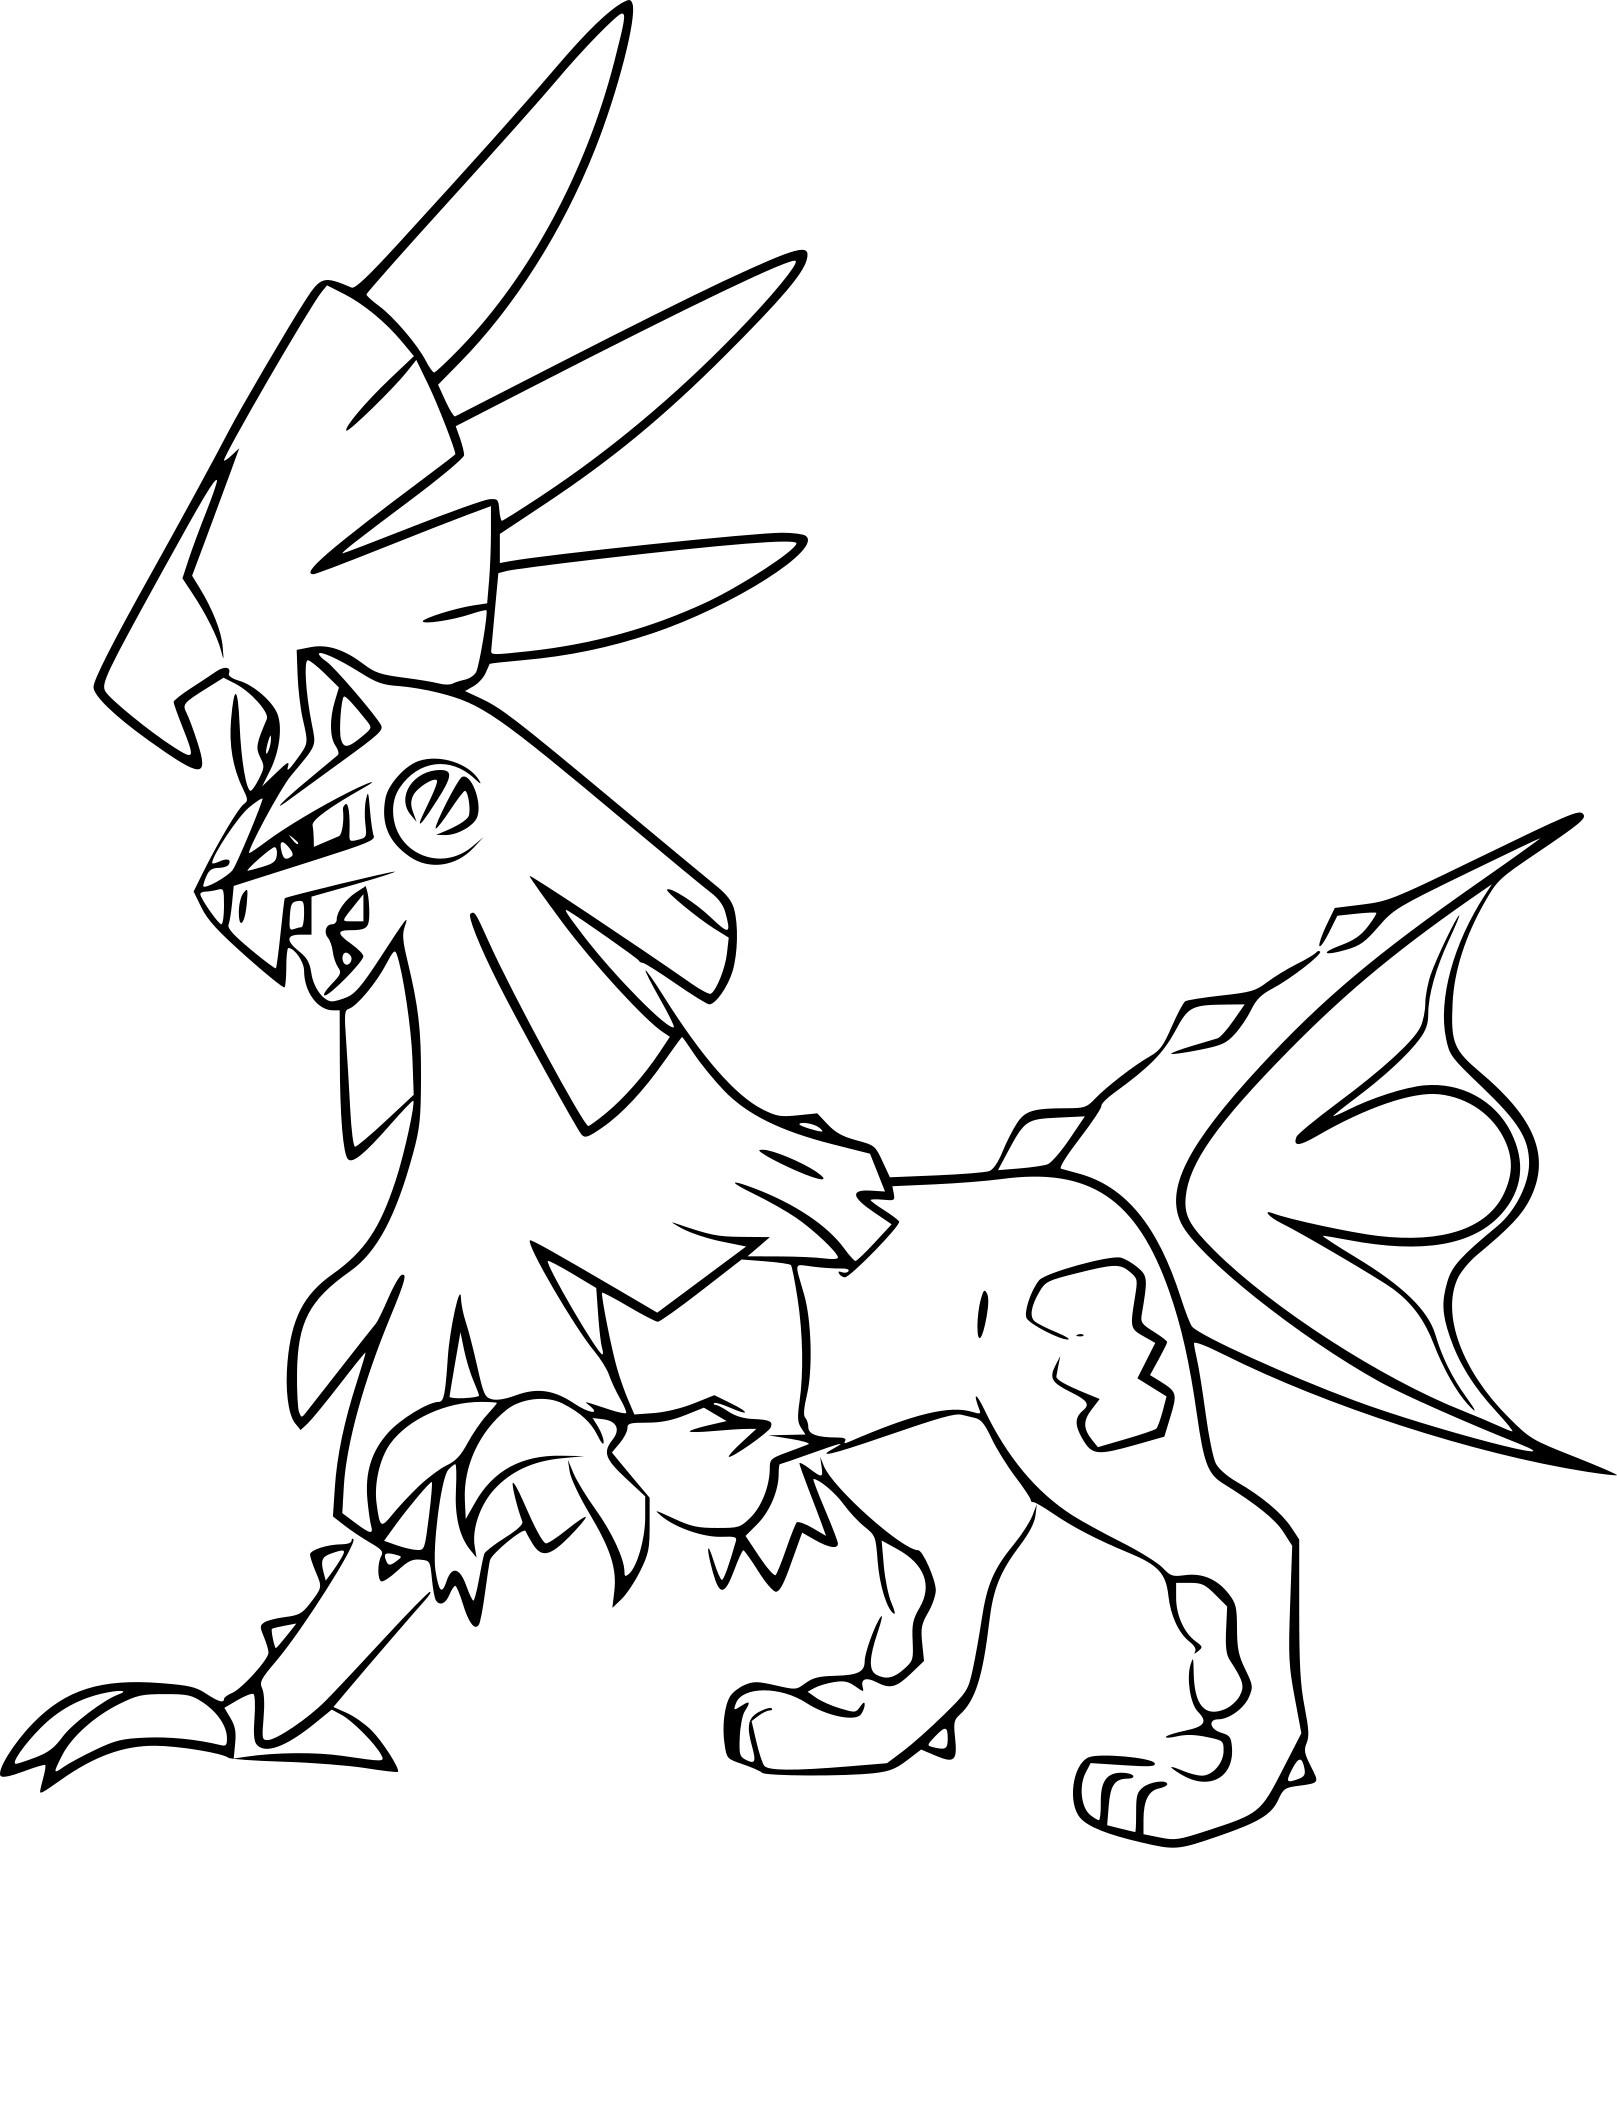 Coloriage Silvallié Pokemon À Imprimer encequiconcerne Coloriage Pokemon